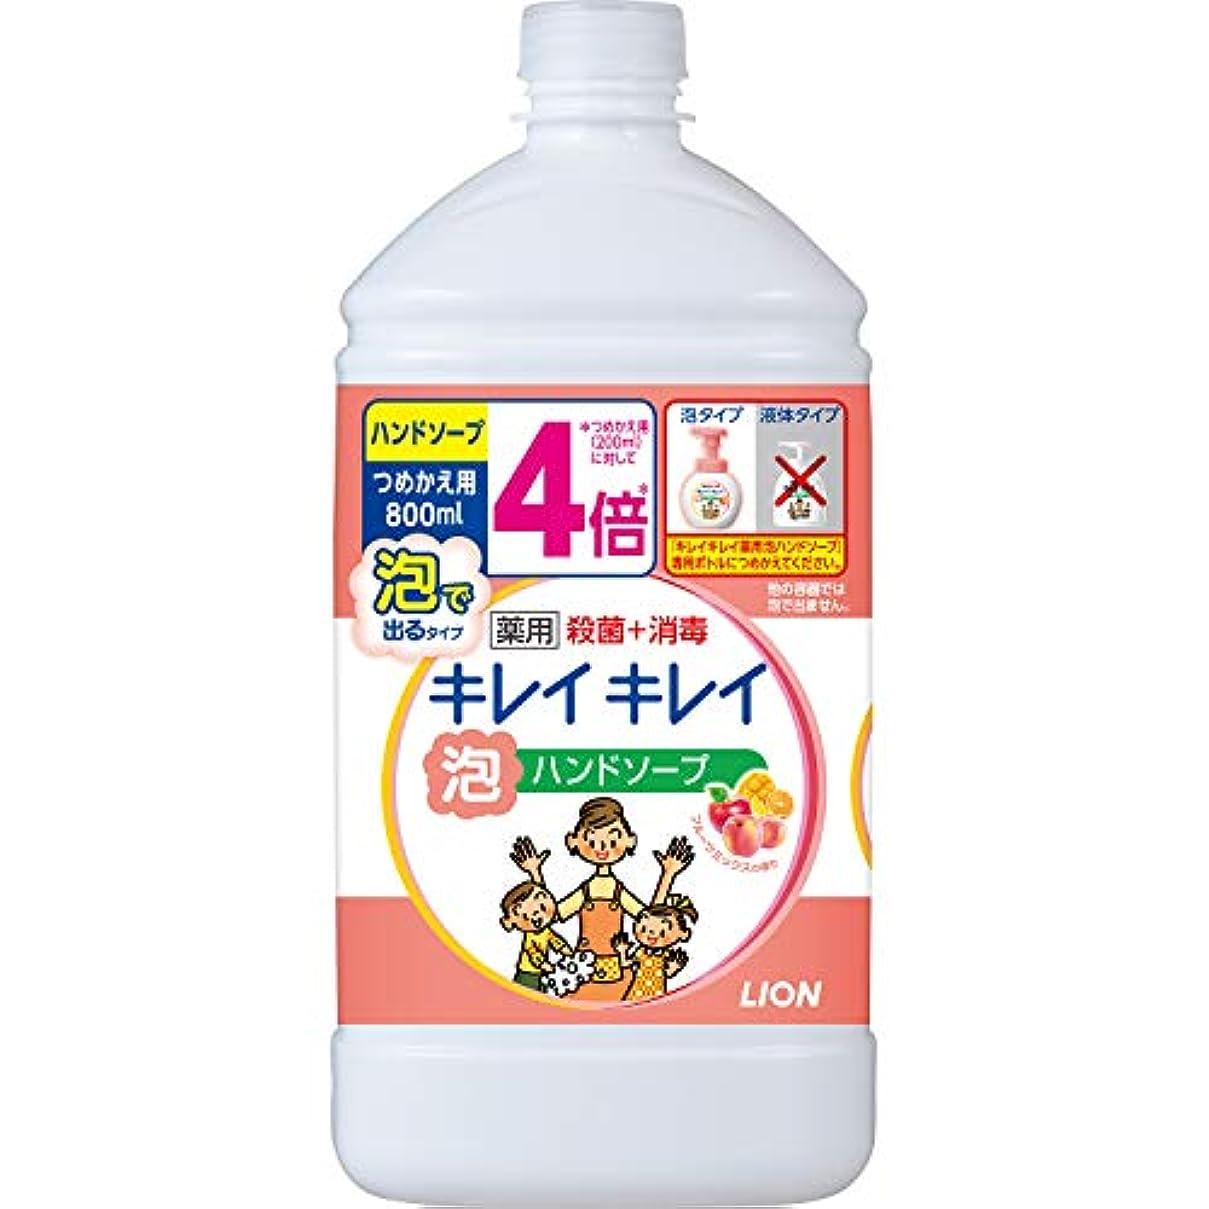 スキニーミス旧正月(医薬部外品)【大容量】キレイキレイ 薬用 泡ハンドソープ フルーツミックスの香り 詰め替え用 800ml